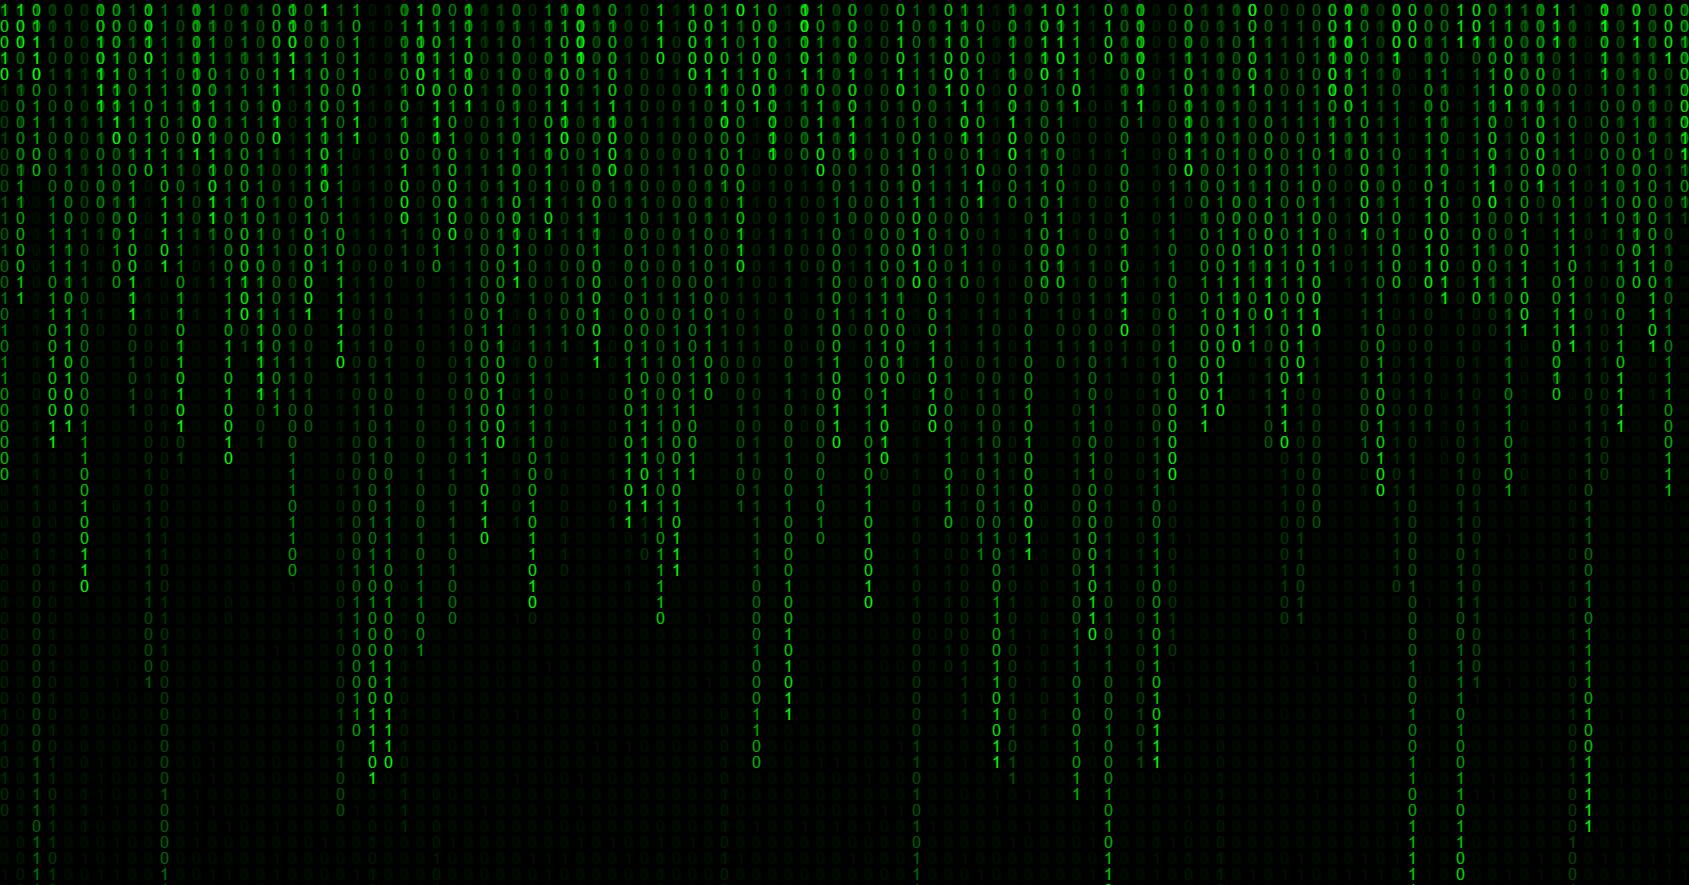 泄露1.4亿数据的美国征信公司易速传真被罚50万英镑